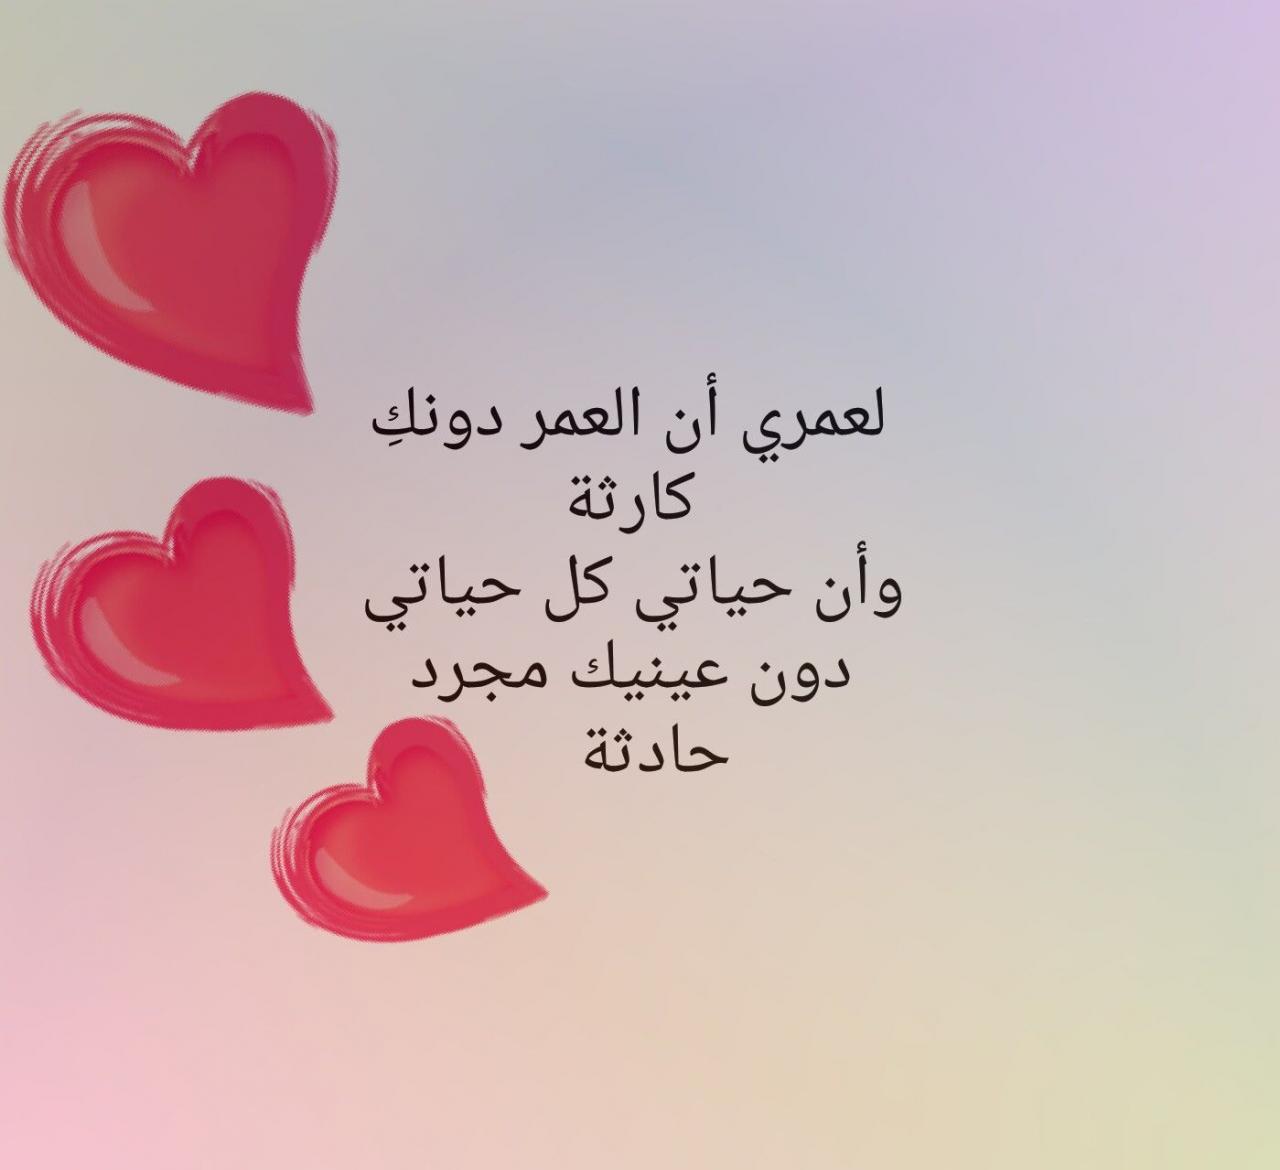 صورة قصائد حب رومانسية , هو اجمل شعور 3655 7